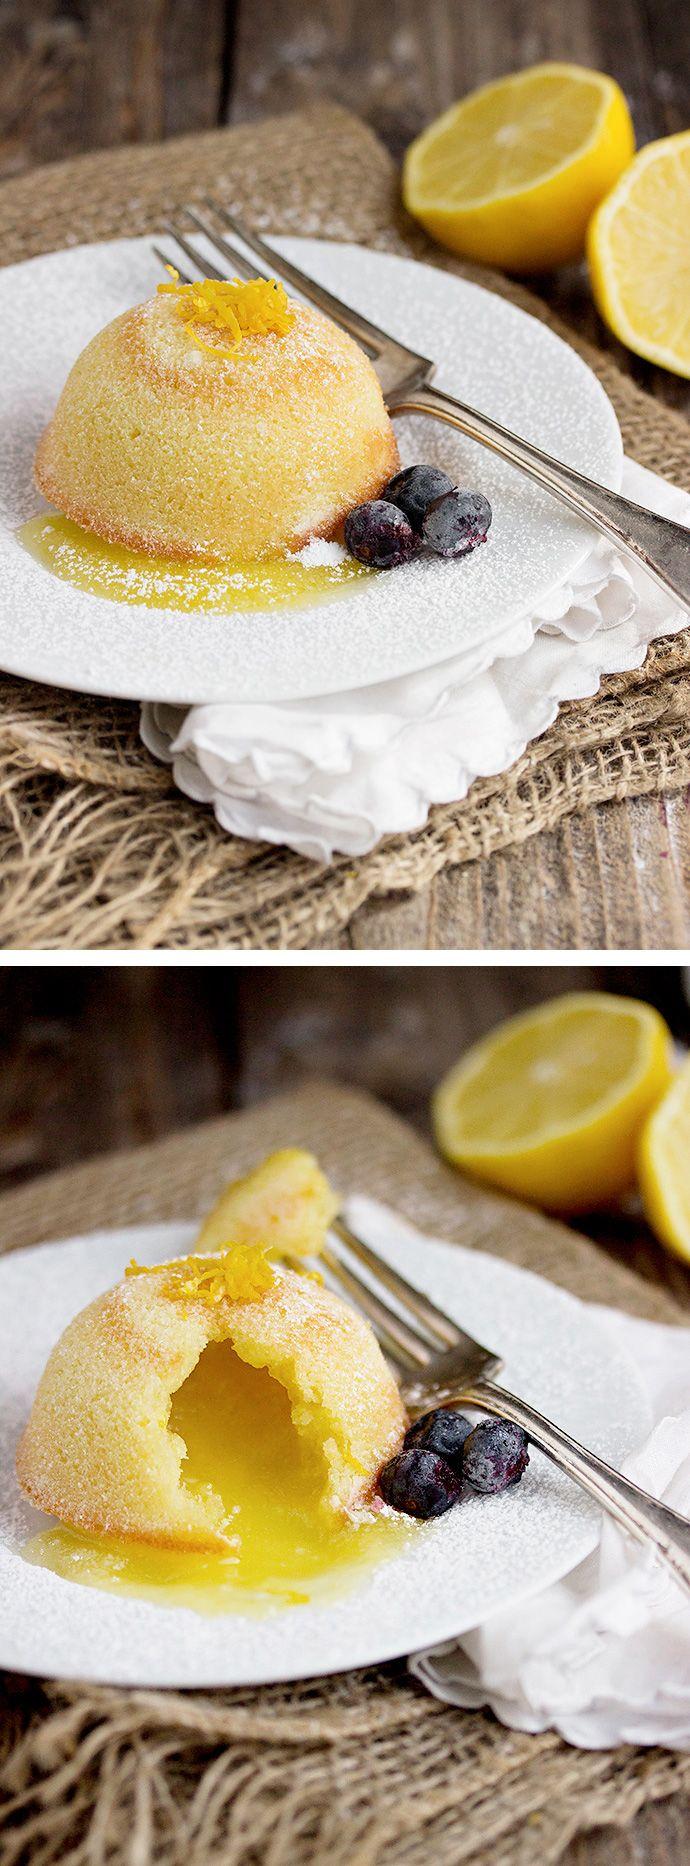 Little Lemon Lava Cakes - warm lemon curds spills from a light cake | www.seasonsandsuppers.ca | #lemon #dessert #Easter